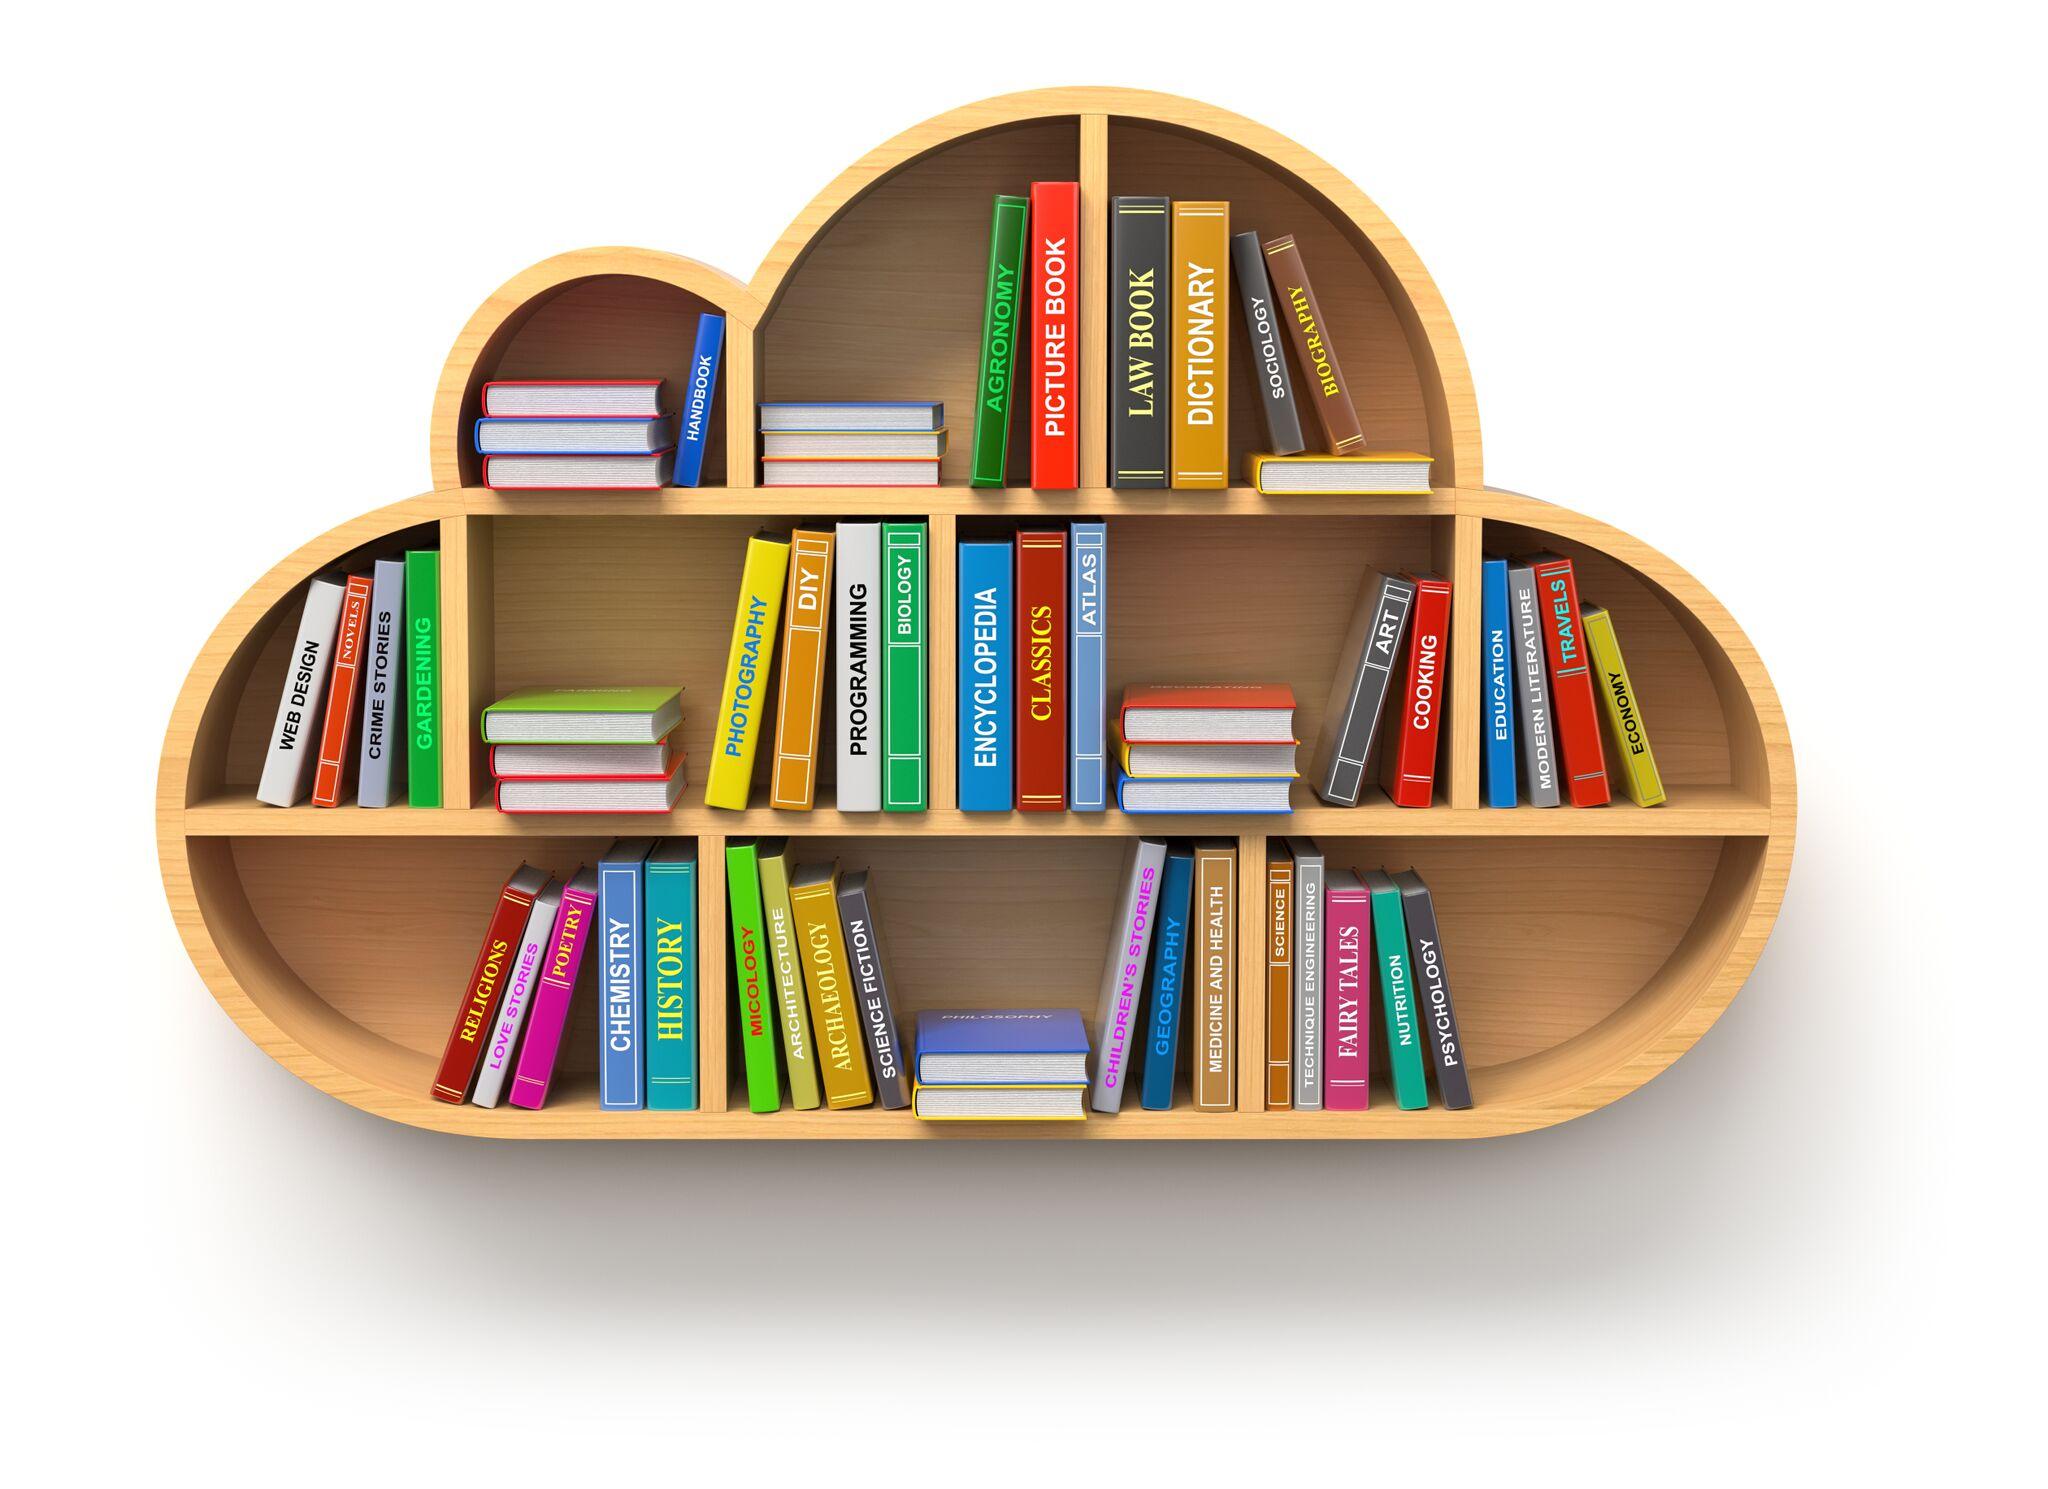 В Украине запускают сервис «электронная школа» с онлайн учебниками, дневниками, журналами и расписанием